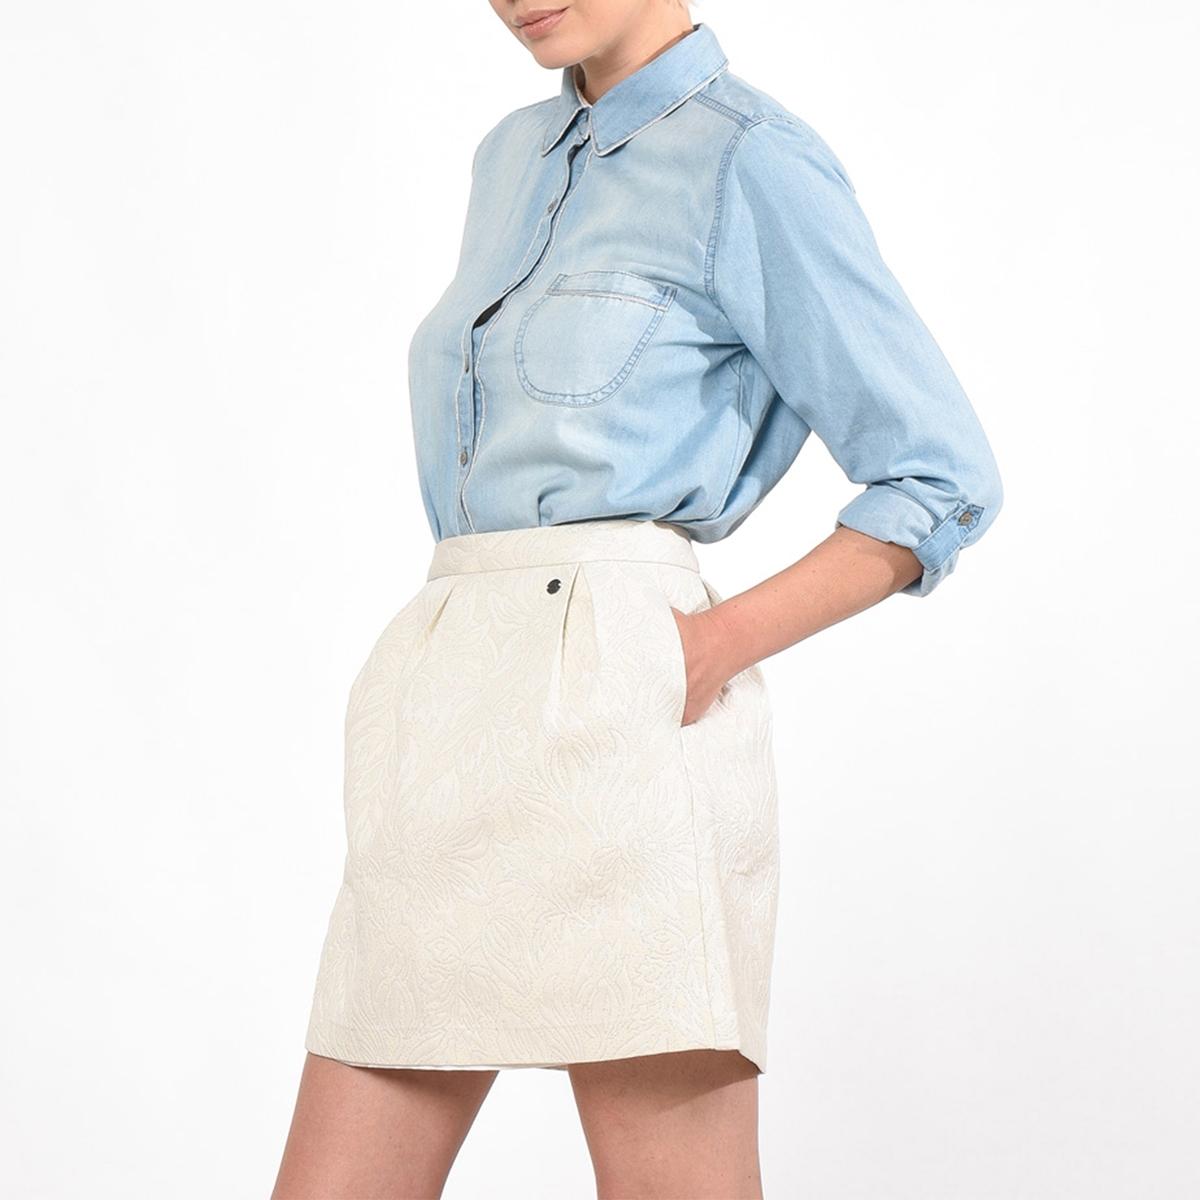 Юбка короткая плиссированная, CROPSКороткая юбка CROPS от KAPORAL. Юбка прямого покроя, складки на поясе. Сплошной оригинальный рисунок в тон. 2 косых кармана по бокам.Состав и описаниеМарка :  KAPORALМодель : CROPSМатериал : 65% полиэстера, 26% хлопка, 9% волокон с металлическим блескомУходМашинная стирка при 30 °CСтирать с вещами схожих цветов<br><br>Цвет: белый<br>Размер: L